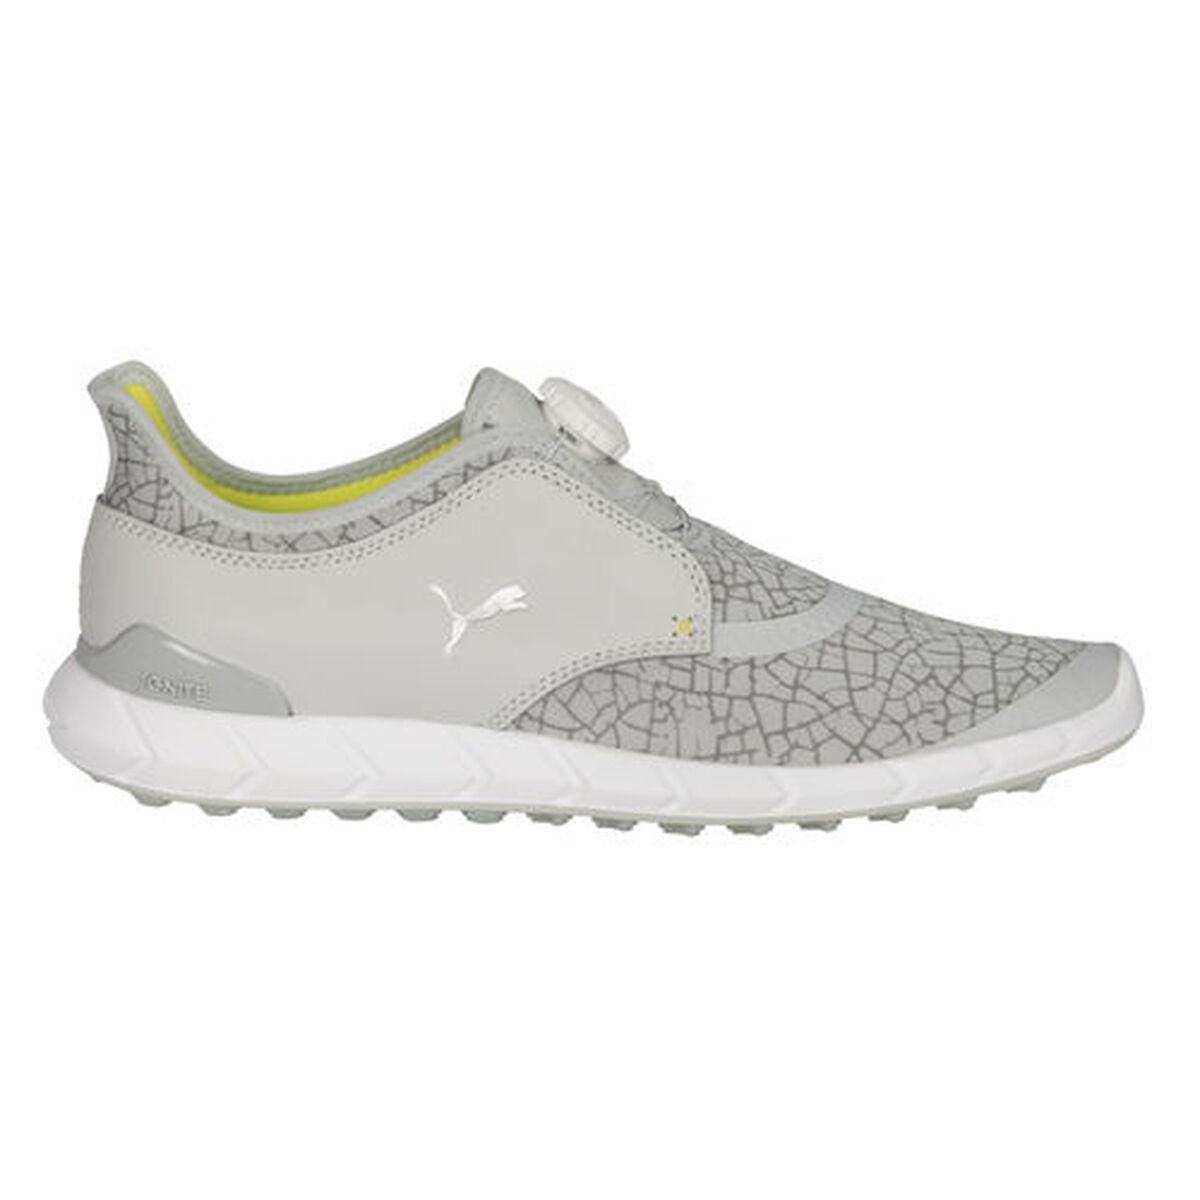 90fd49dd6f7f PUMA Ignite Disc Extreme Men s Golf Shoe - Grey